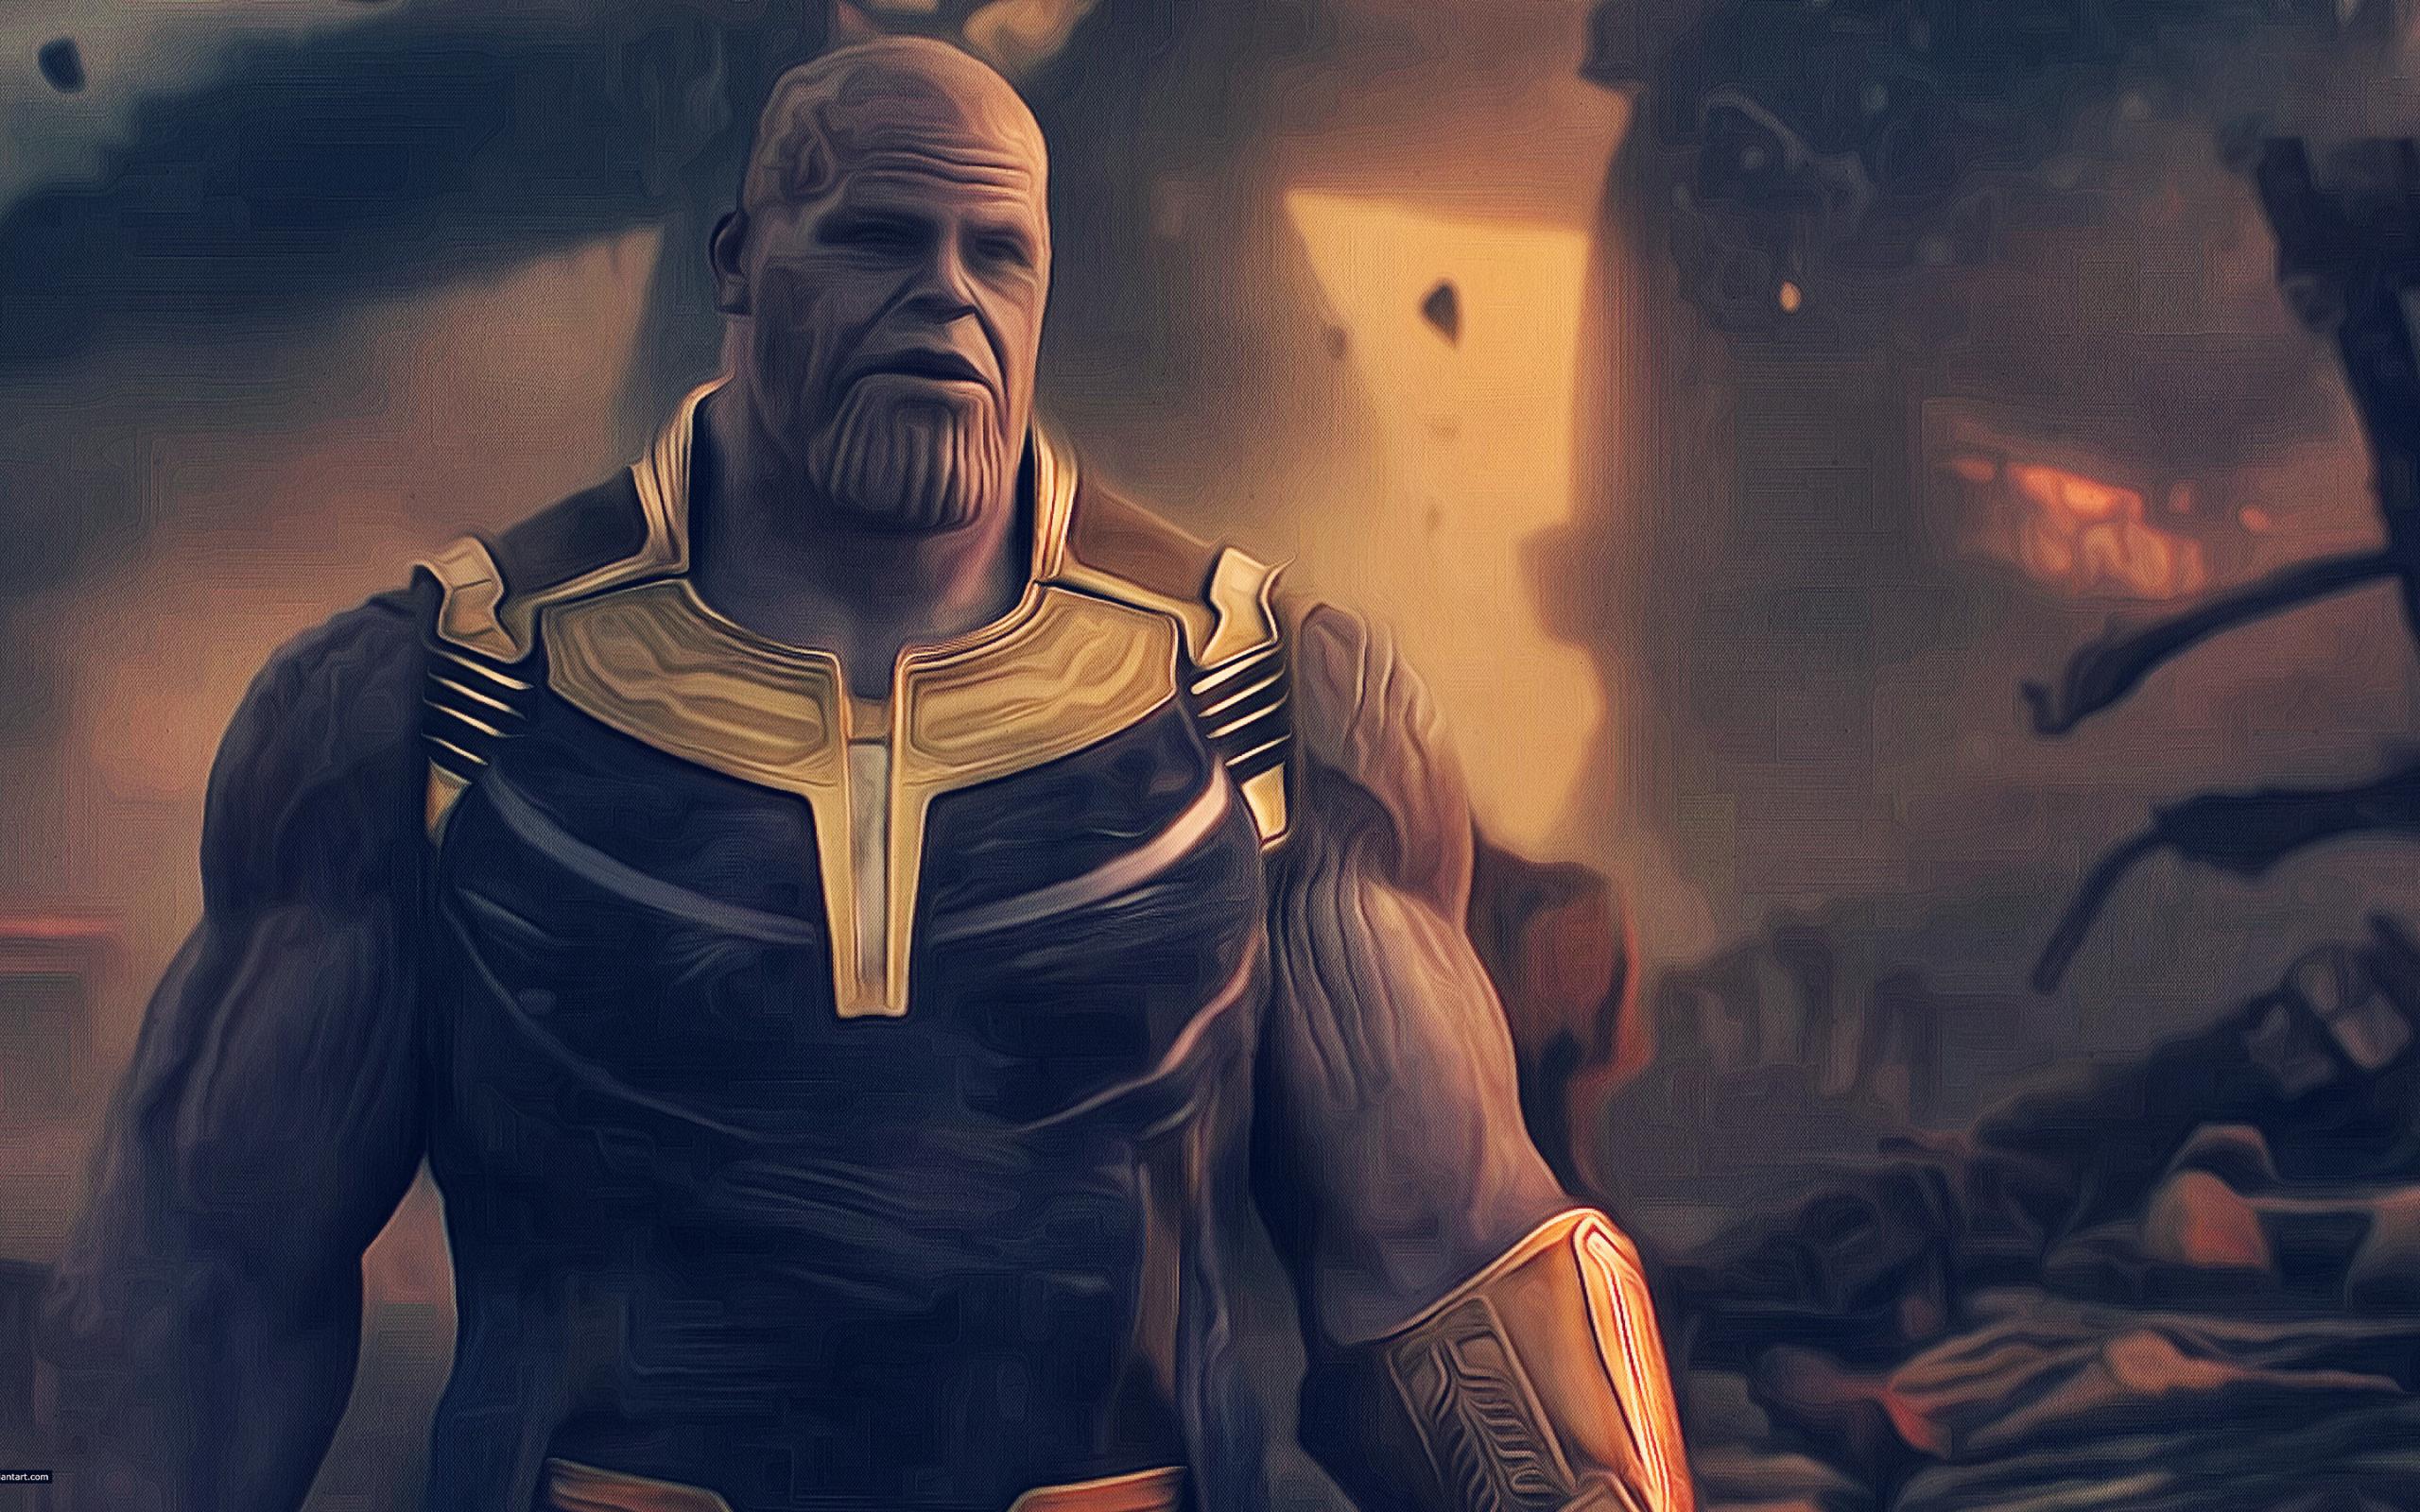 Thanos Avengers Infinity War Artwork, HD 4K Wallpaper